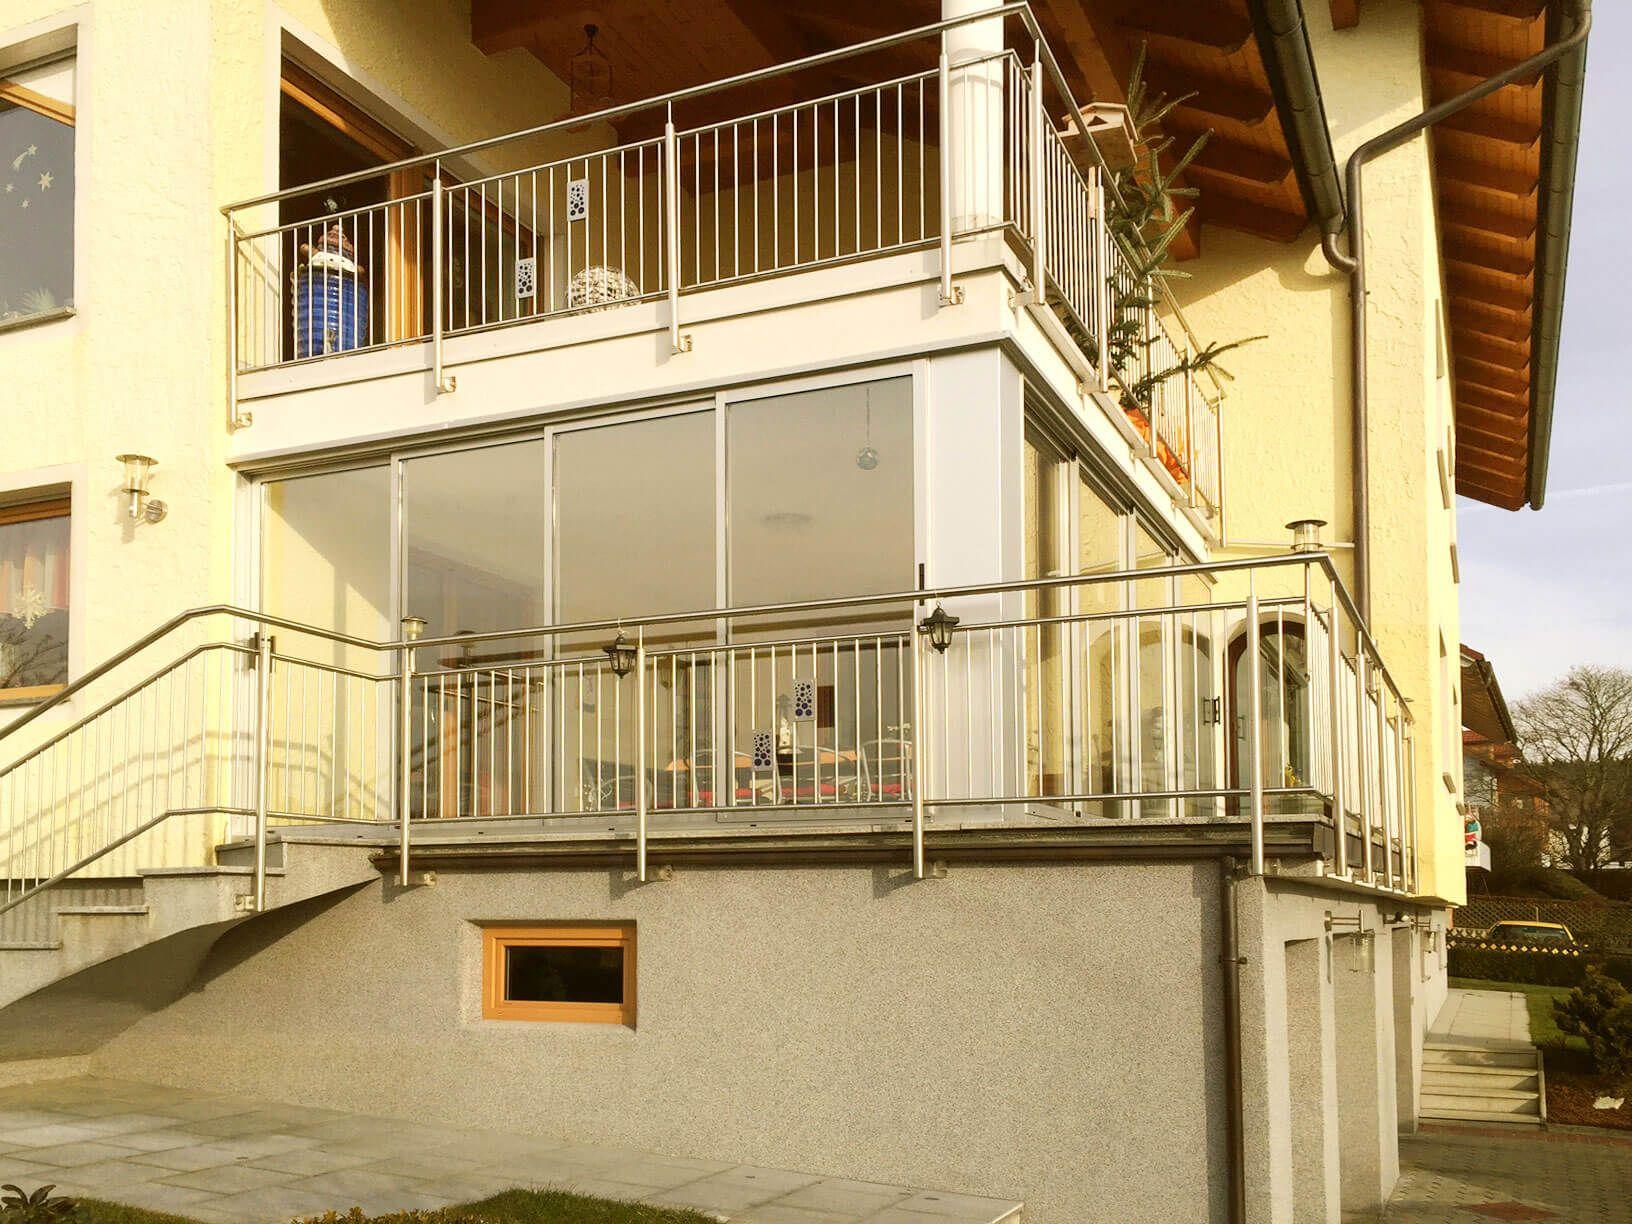 schiebetüren für balkon - windschutz aus glas und aluminium für, Gartengerate ideen